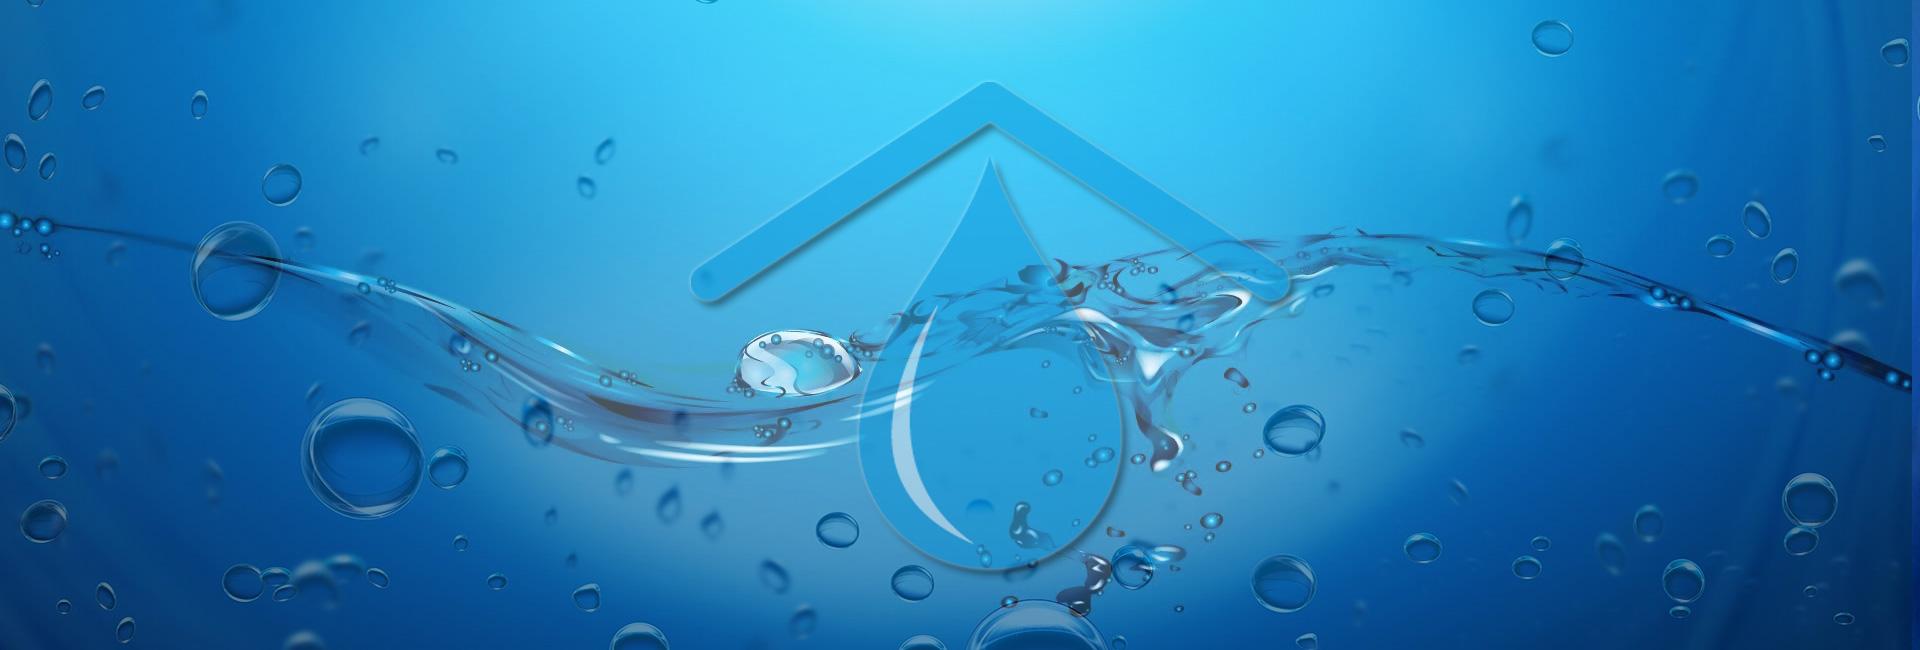 Tecnologie dell'acqua